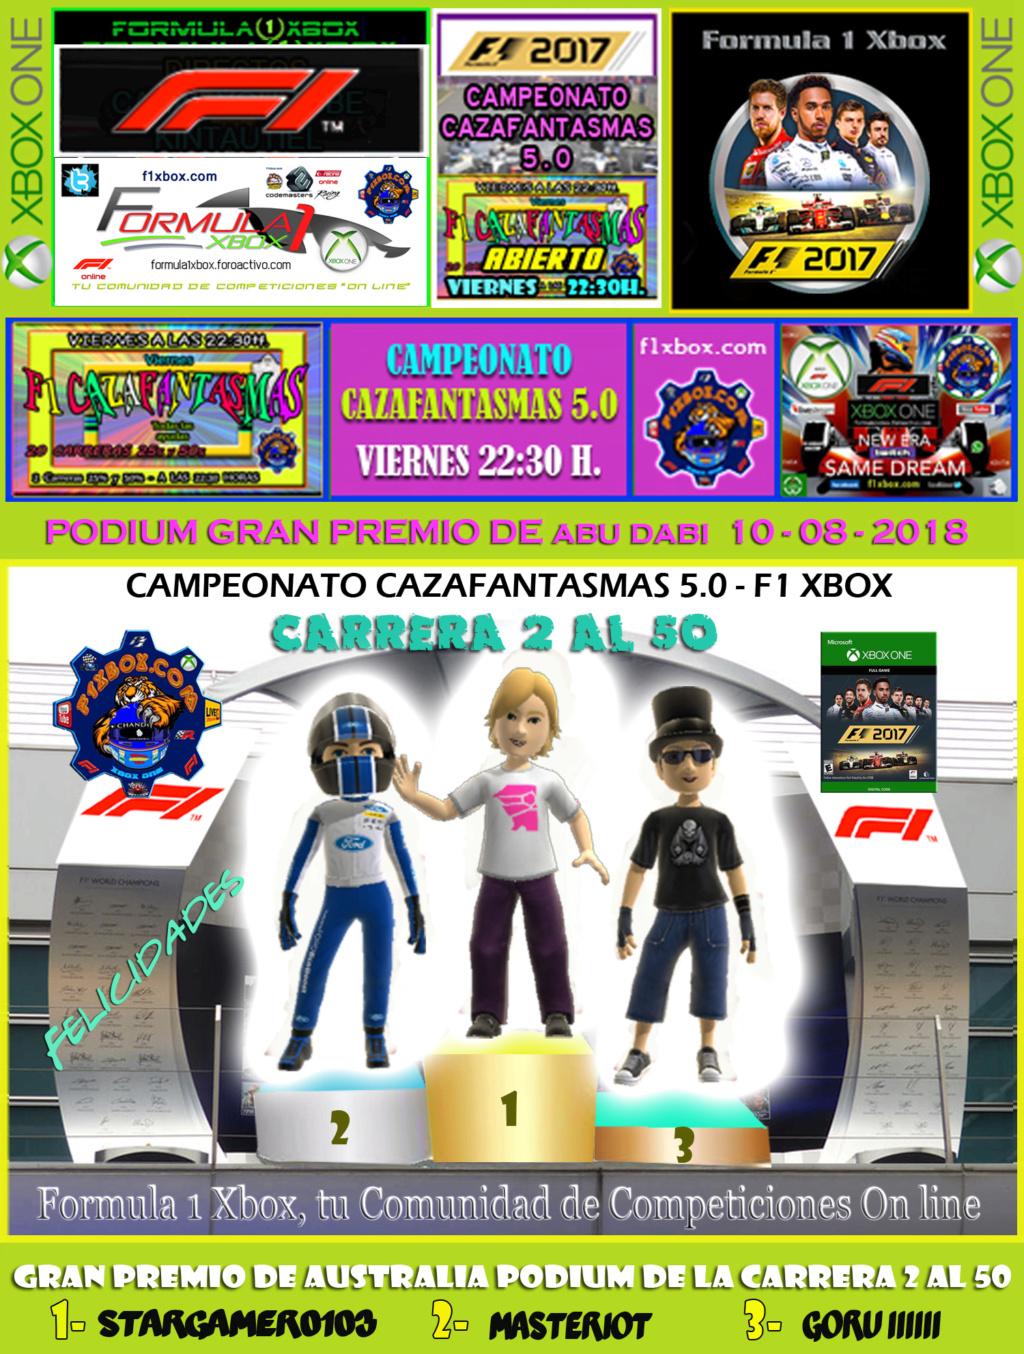 F1 2017 - XBOX ONE / CAMPEONATO CAZAFANTASMAS 5.0 - F1 XBOX / RESULTADOS Y PODIUMS DE LAS 2 CARRERAS EN ABU DABI EL VIERNES 10- 08 - 20  2_al_510